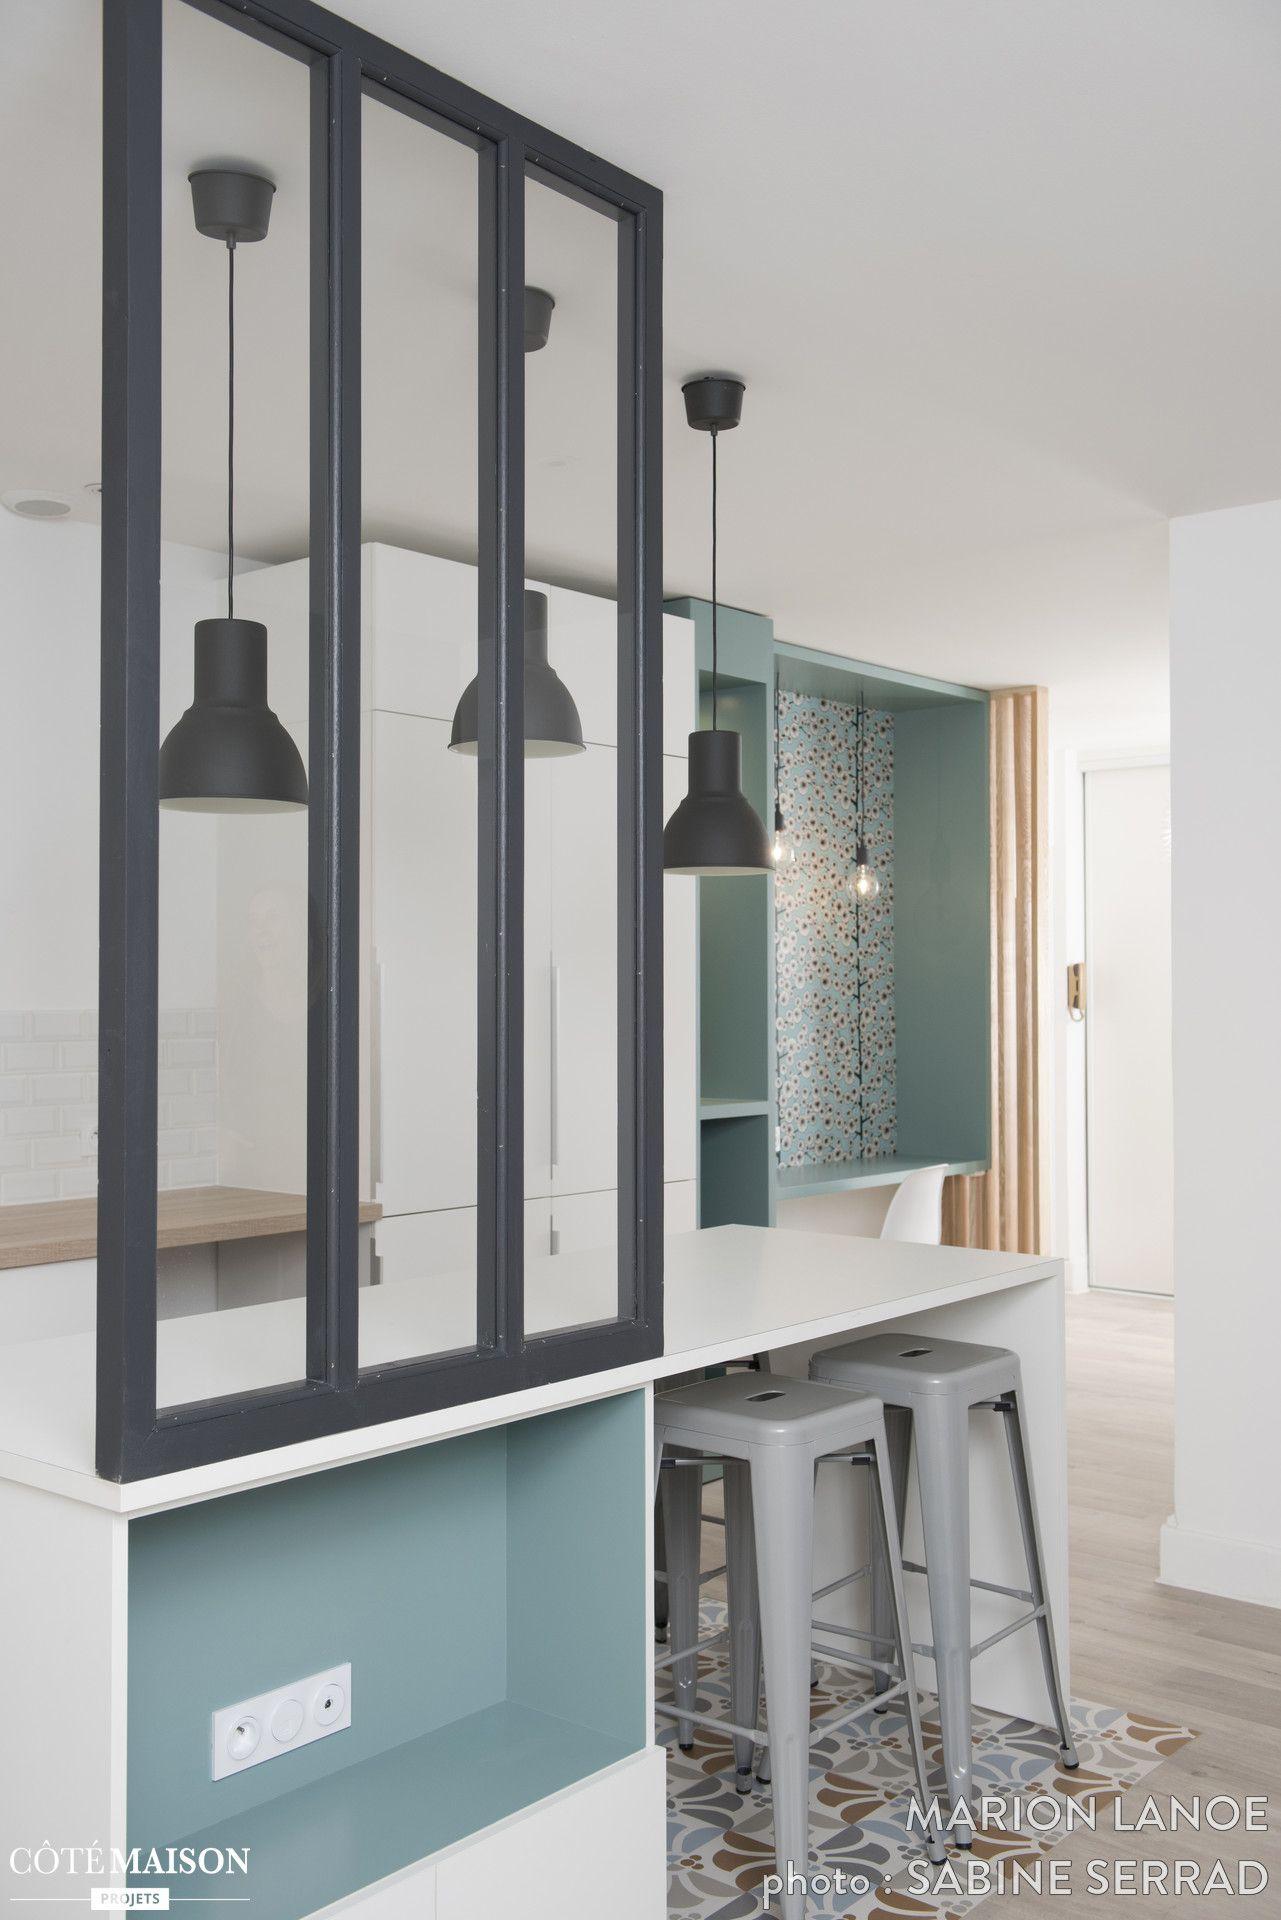 La cuisine ouverte sur le salon offre voir une belle verri re d 39 int rieur home sweet home - Separation cuisine ouverte ...